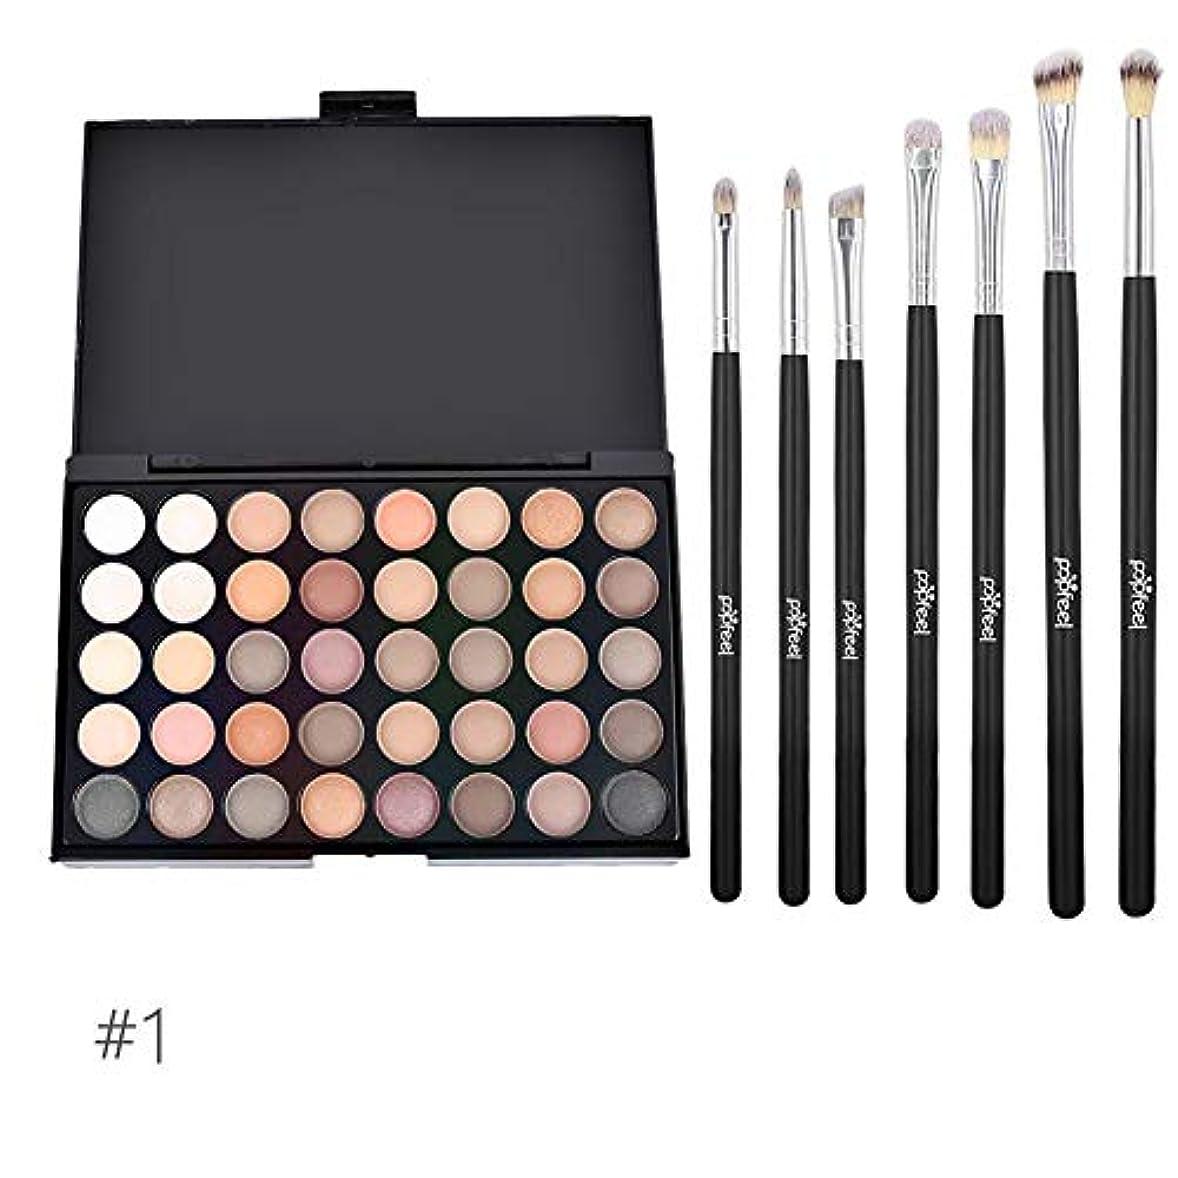 見捨てられた効能ある闇アイシャドウトレイ 40色 化粧ブラシセット 化粧ブラシ 化粧筆 6本セット メイクブラシ